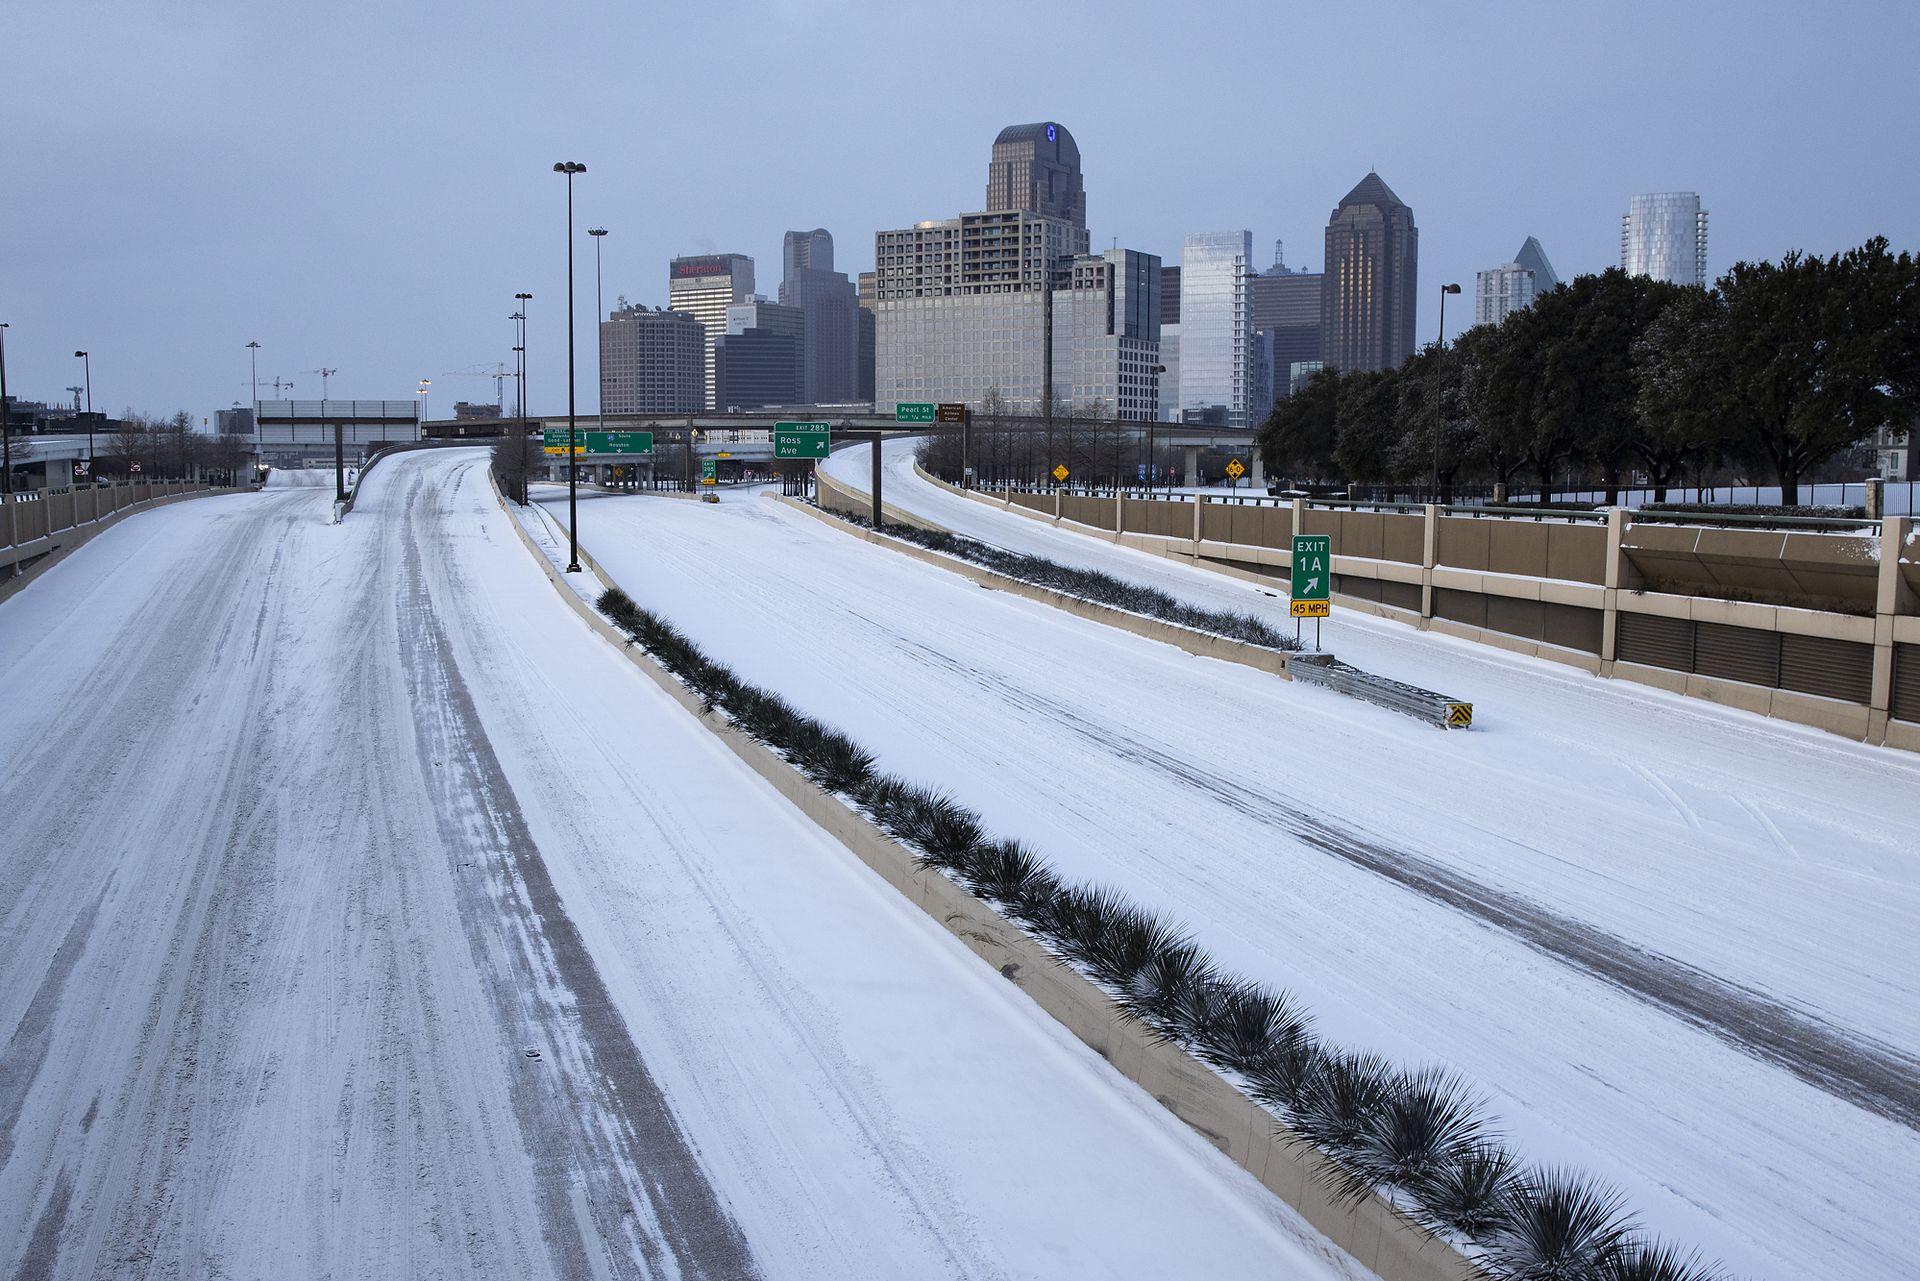 Las rutas y autopistas están intransitables y casi no hay movimiento vehicular